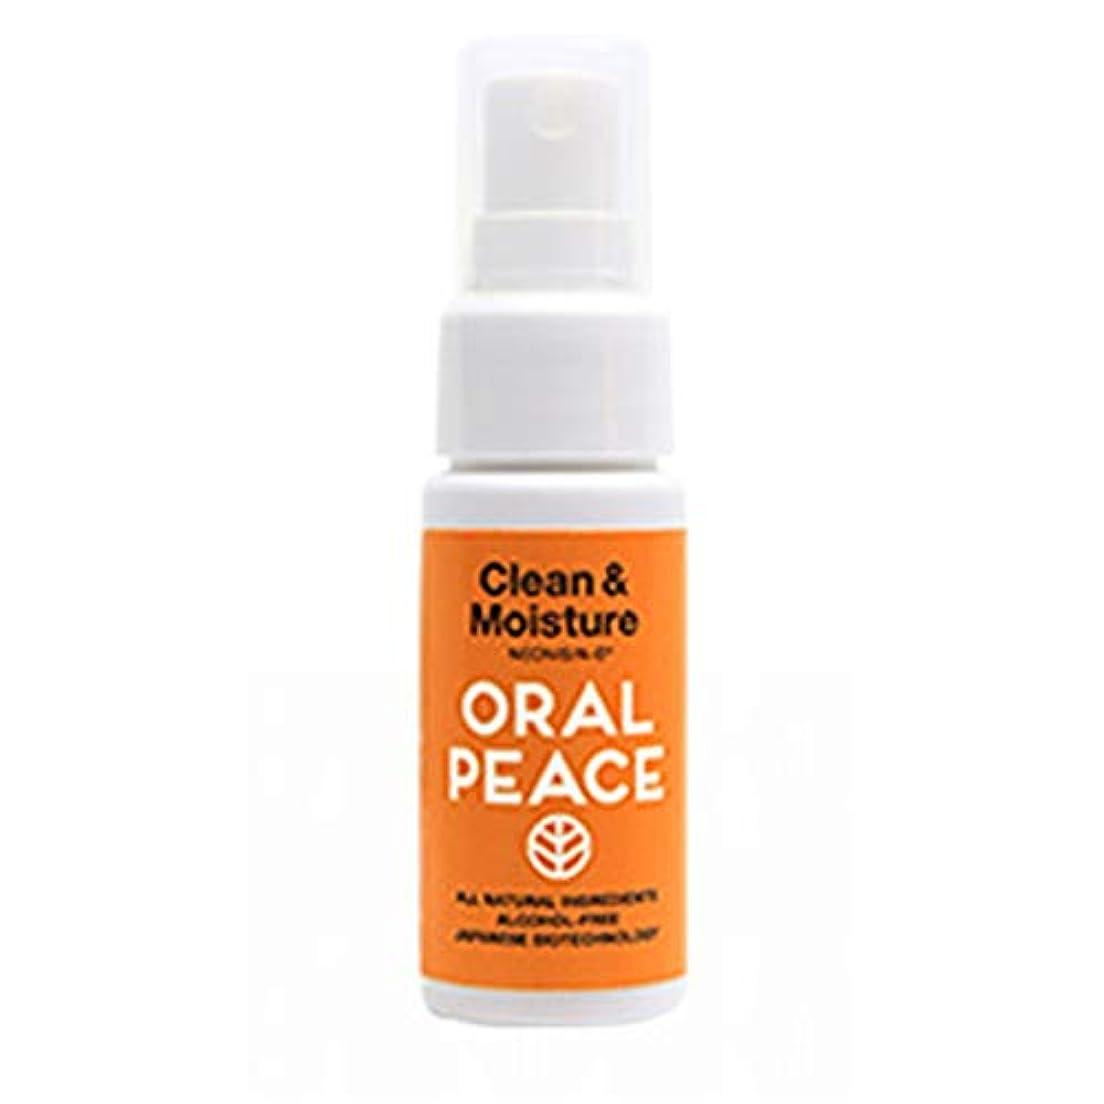 ゴミ窒息させるフレキシブルORALPEACE オーラルピース クリーン&モイスチュアスプレー 30ml サンシャインオレンジ